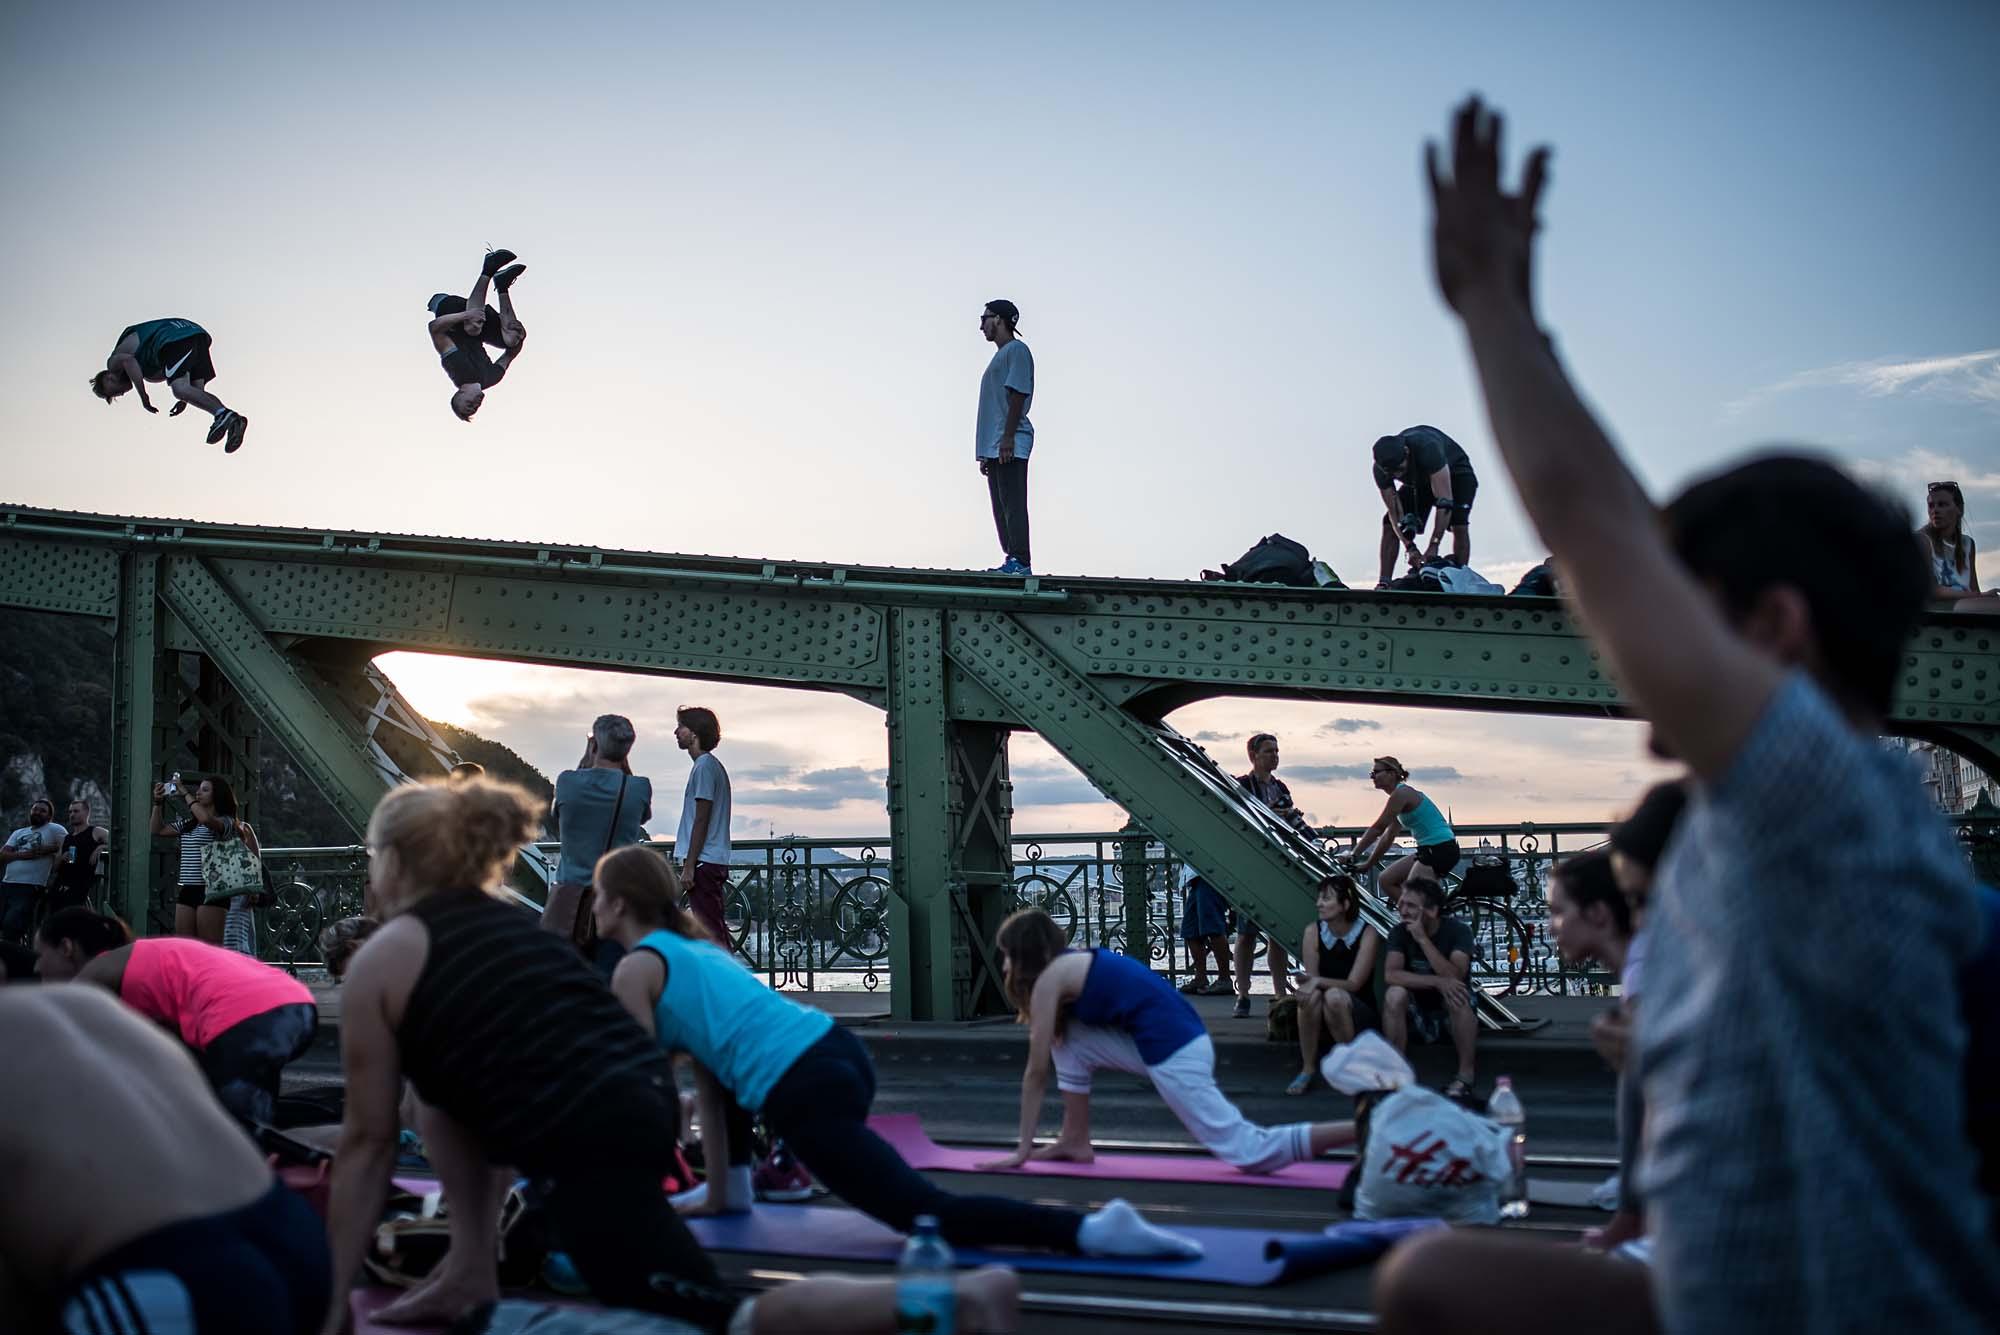 Még idén szétbombázzák, hogy aztán újra összerakják Budapestet